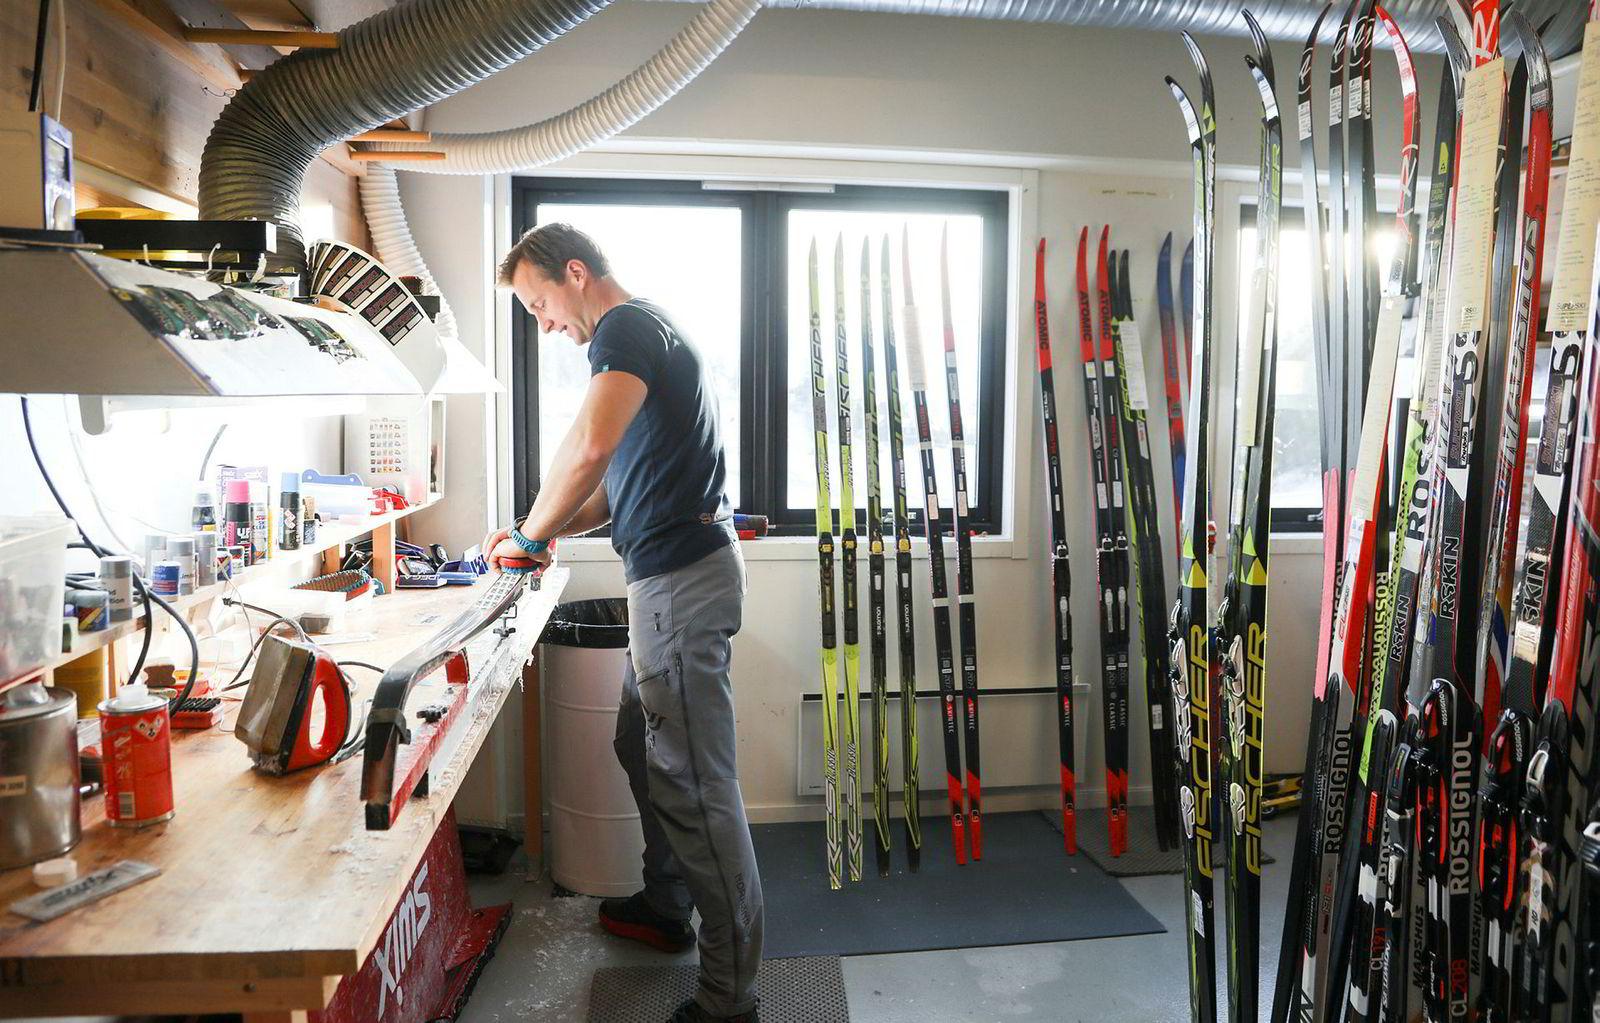 Daglig leder Joakim Levorsen i Superski gjør siste finish på et par ski. De har merket nedturen i turrennene, men har opplevd klar omsetningsvekst som en nyere butikk i bransjen. I butikken i Holmenkollen selger de 70–80 prosent racingski. Når de jobber mot bedrifter er det 70–80 prosent felleski som selges.